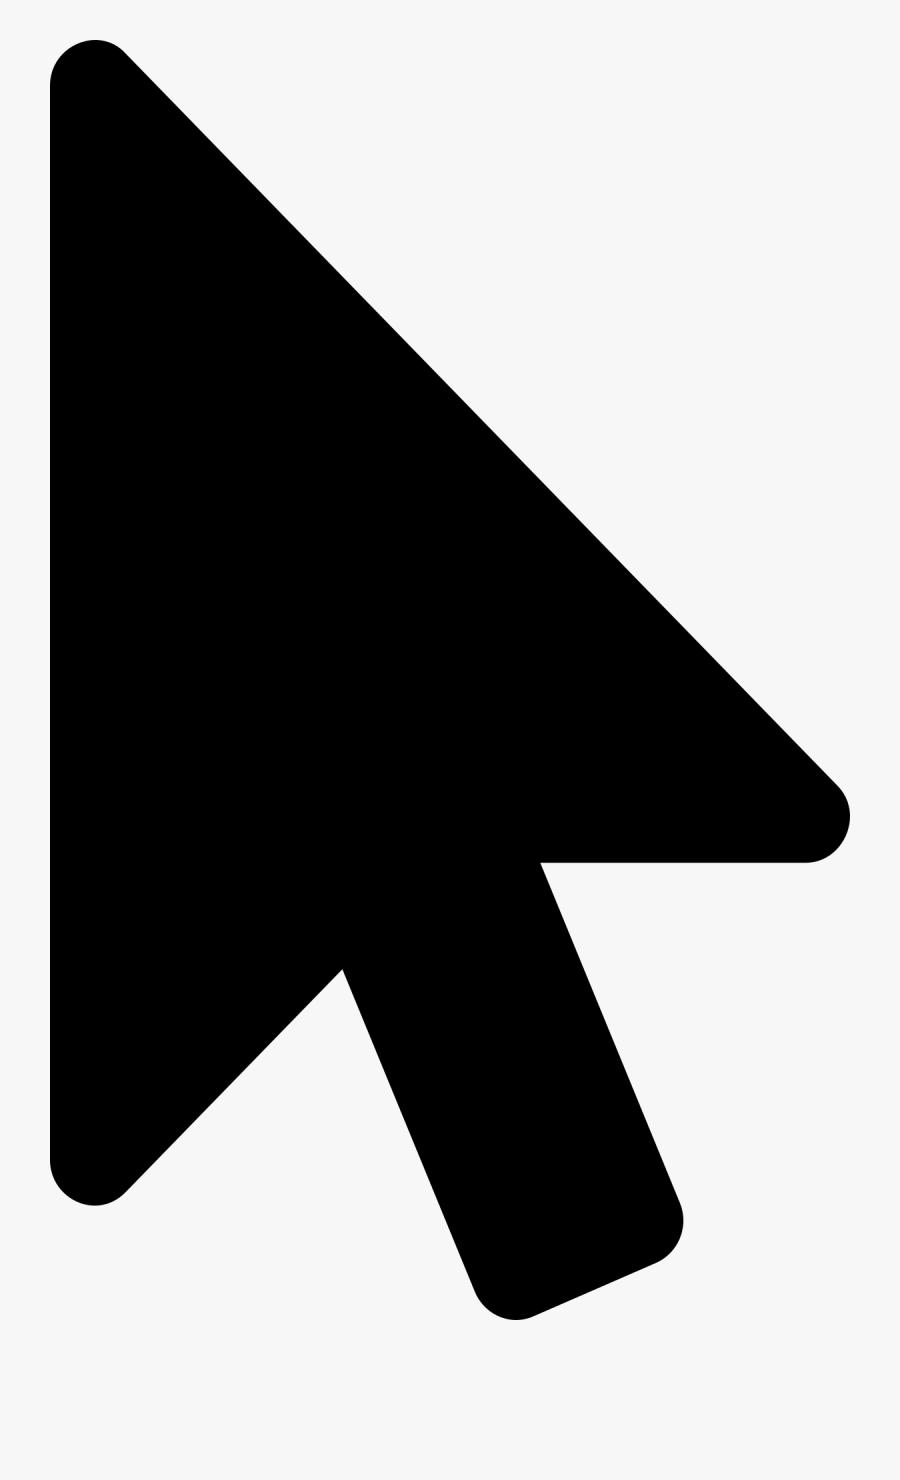 Cursor Mouse Icon Png, Transparent Clipart